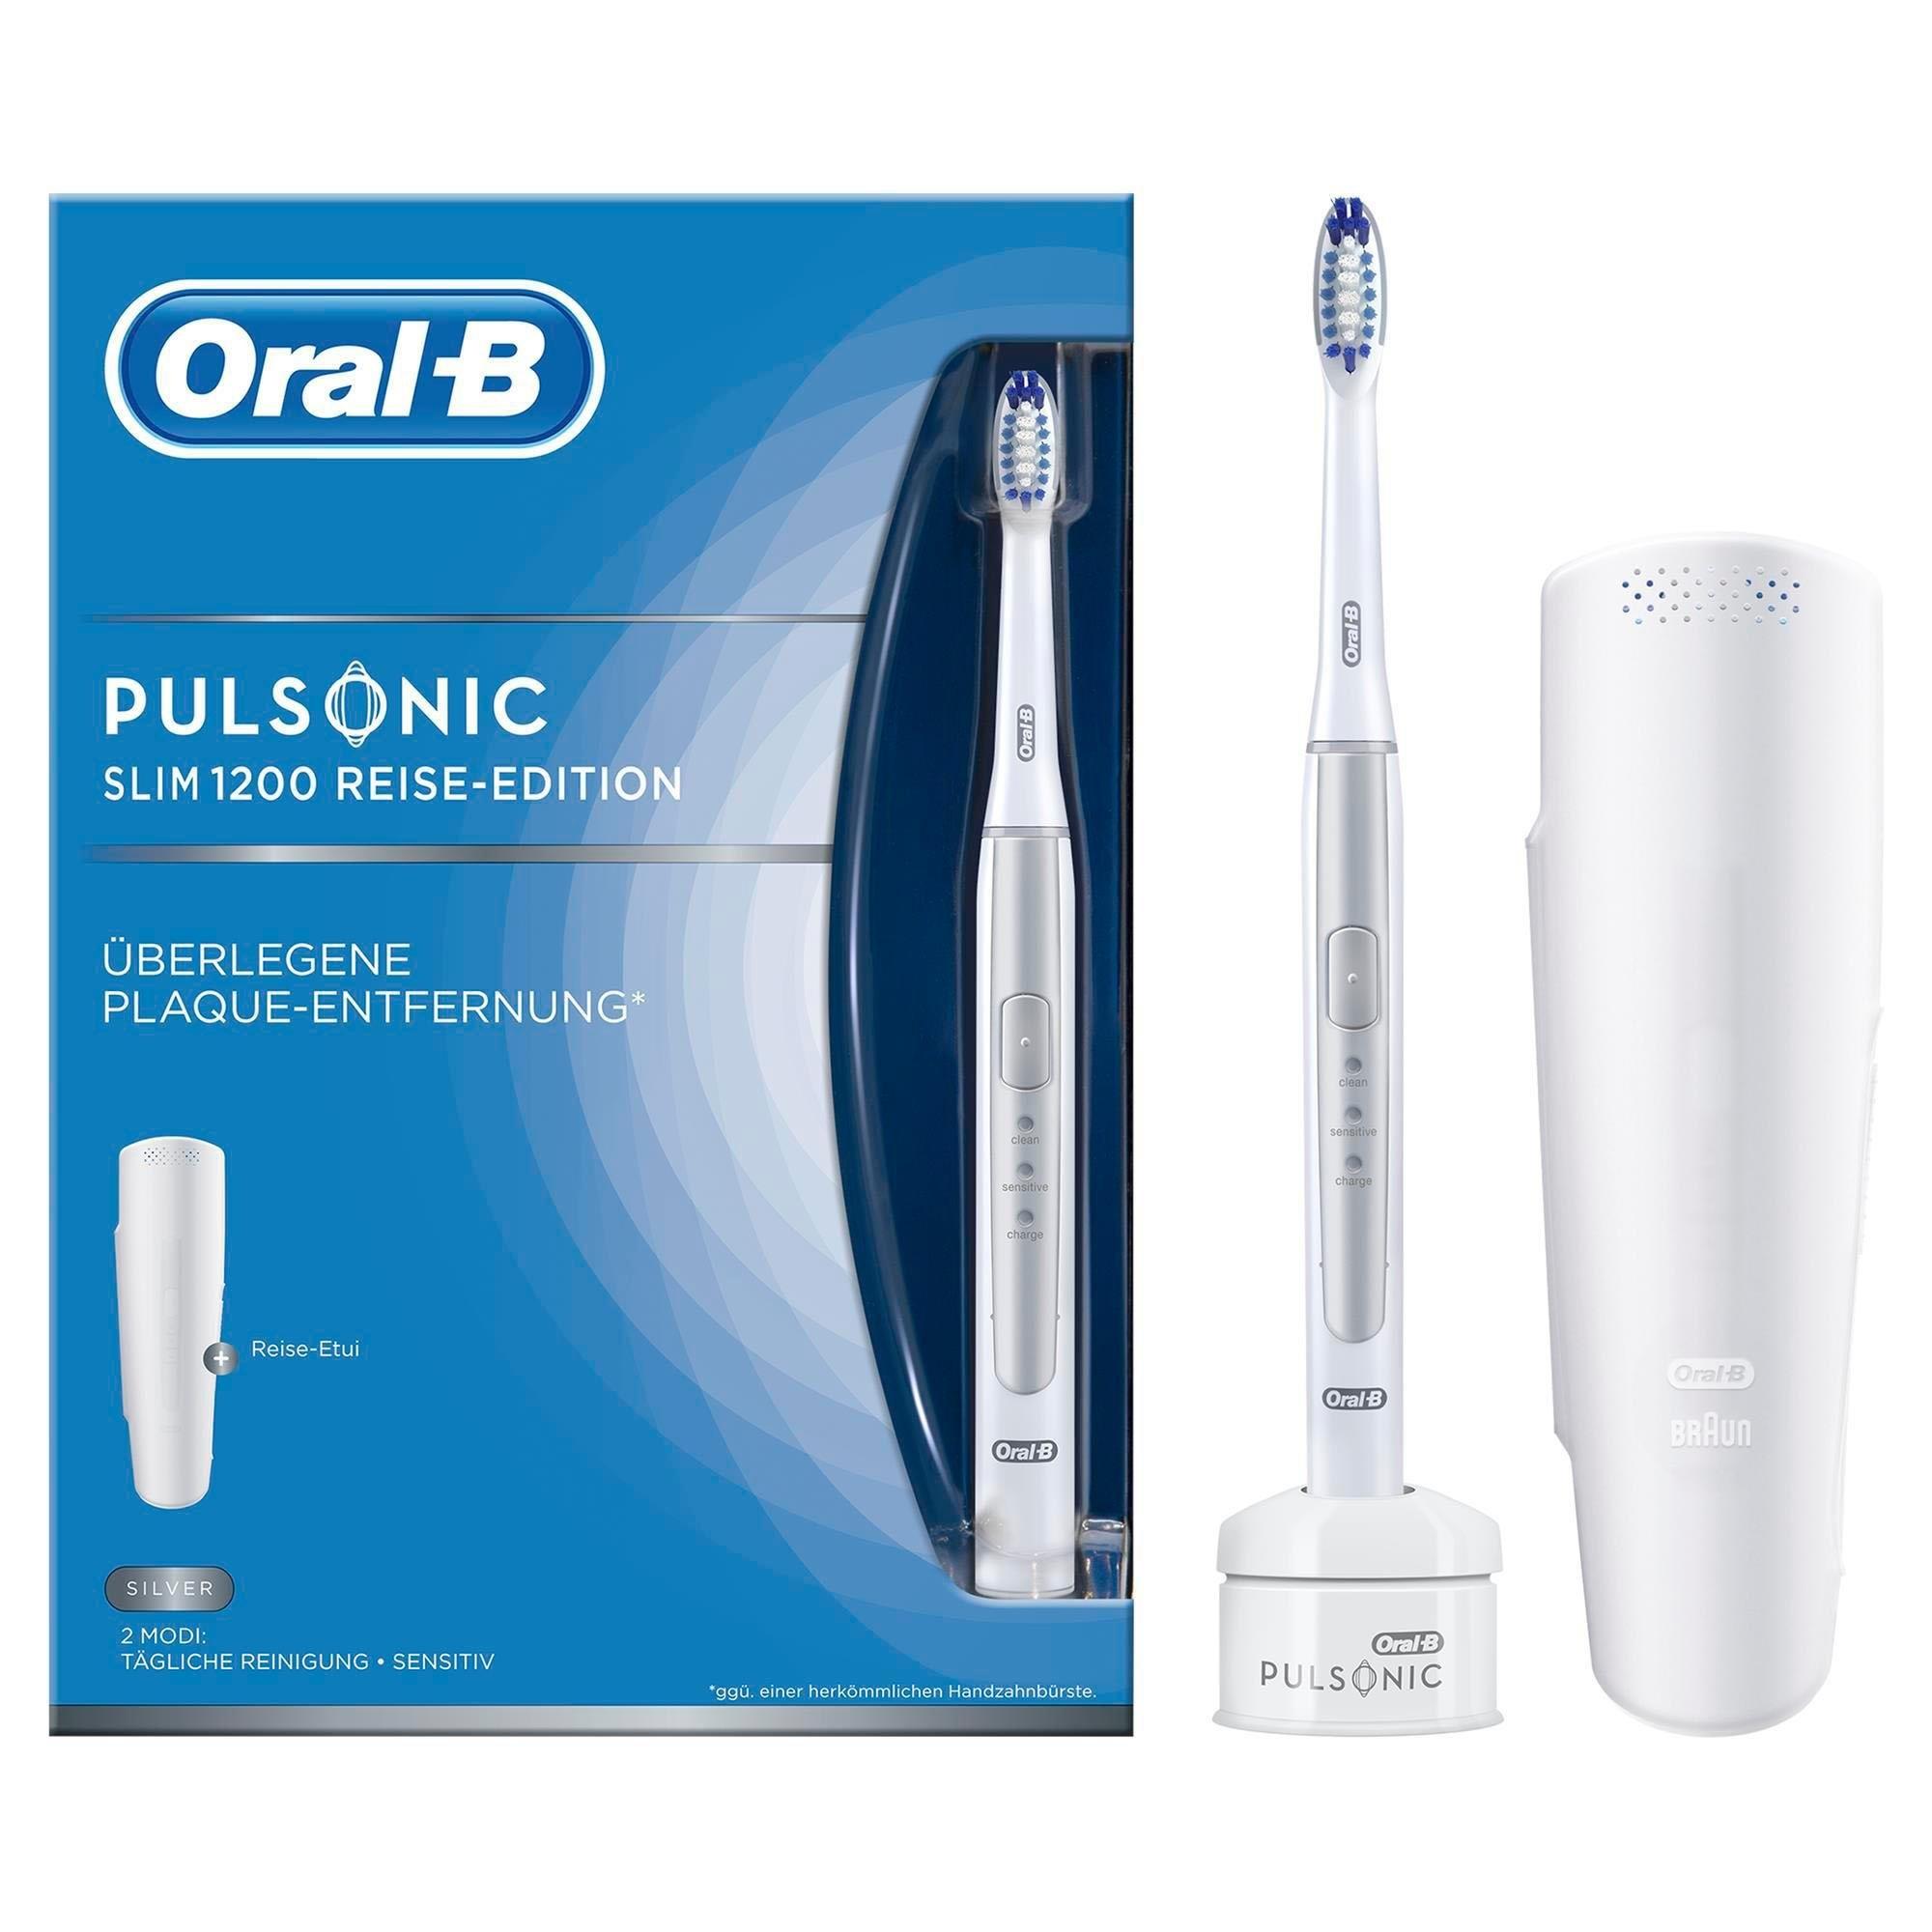 Oral-B Oral B ultrasone tandenborstel Pulsonic Slim 1200, 1 opzetborsteltje - verschillende betaalmethodes